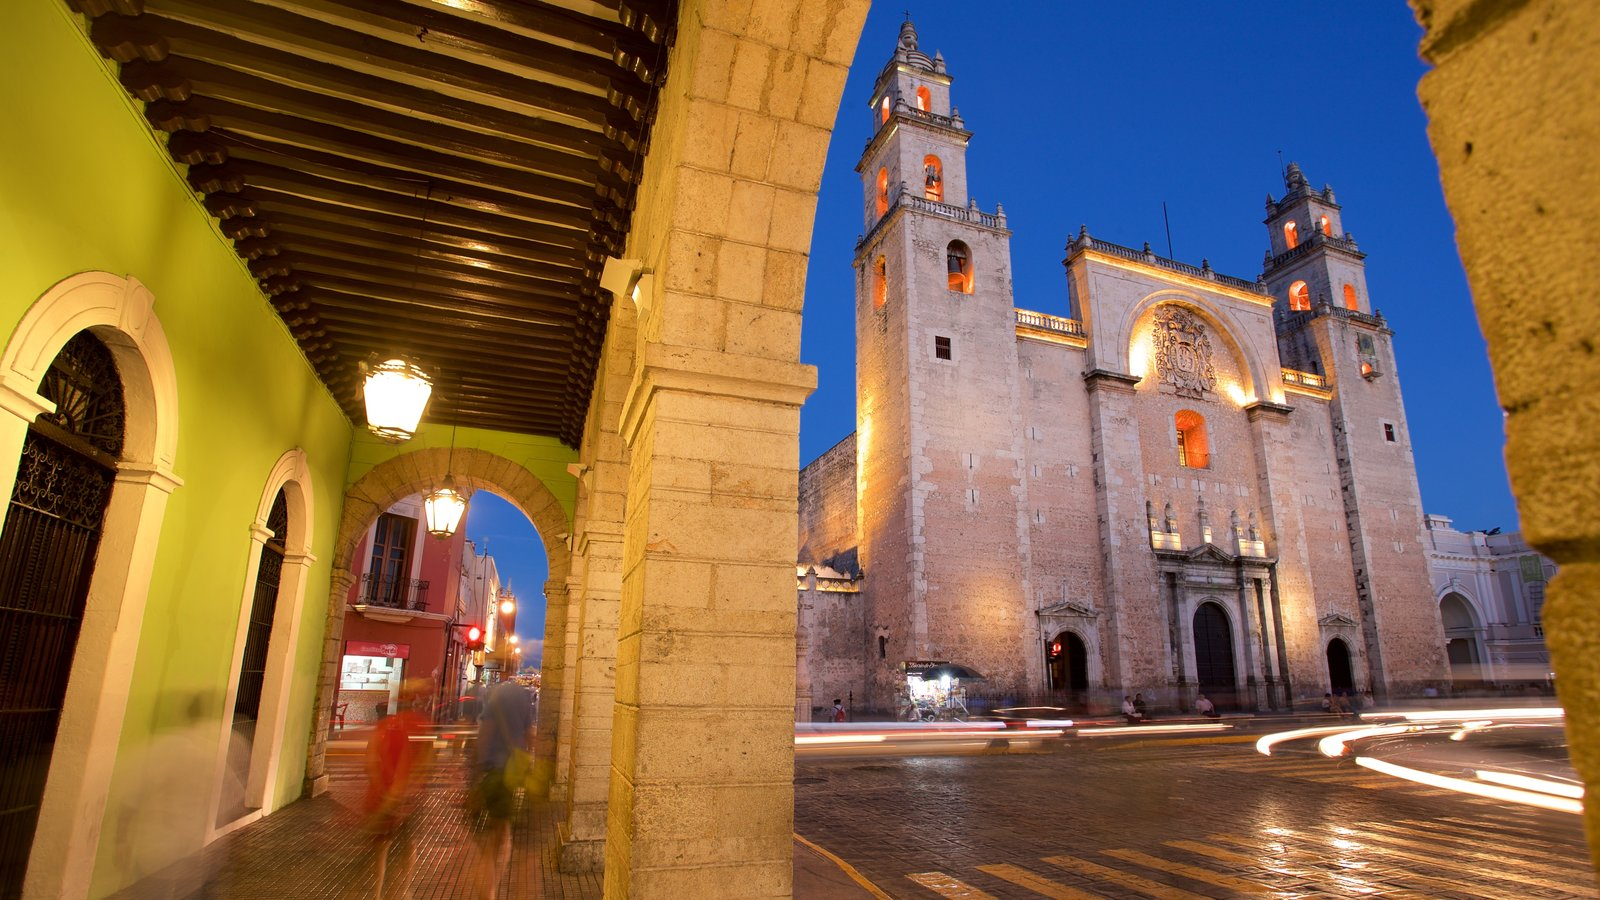 Catedral de Mérida que inclui arquitetura de patrimônio, cenas noturnas e uma igreja ou catedral